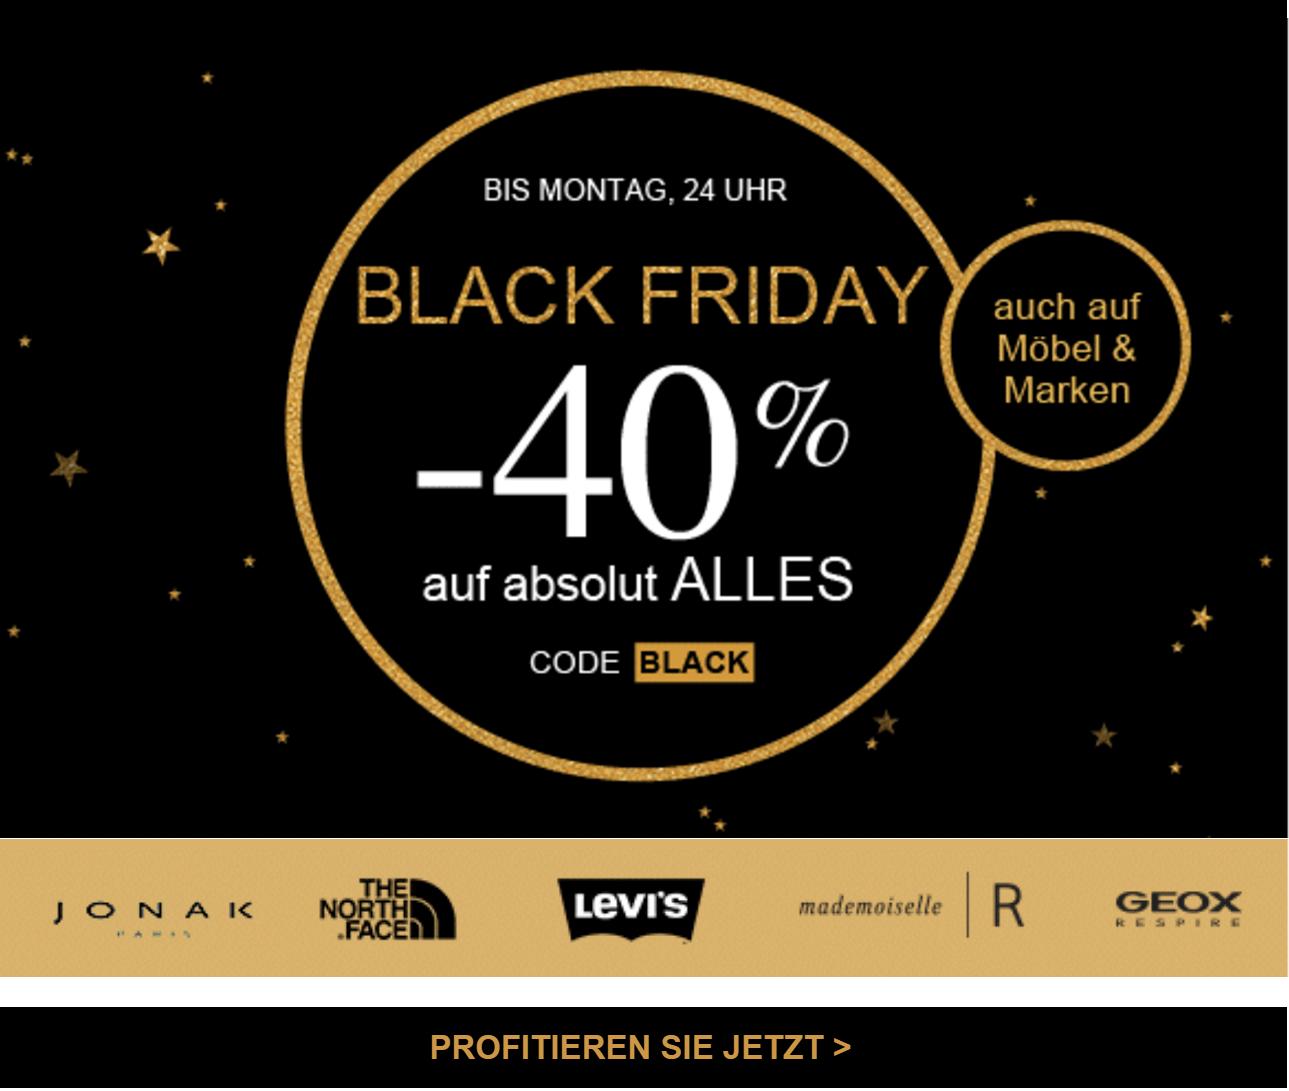 Die Geschichte Des Black Friday Schweiz Preispirat Black Friday